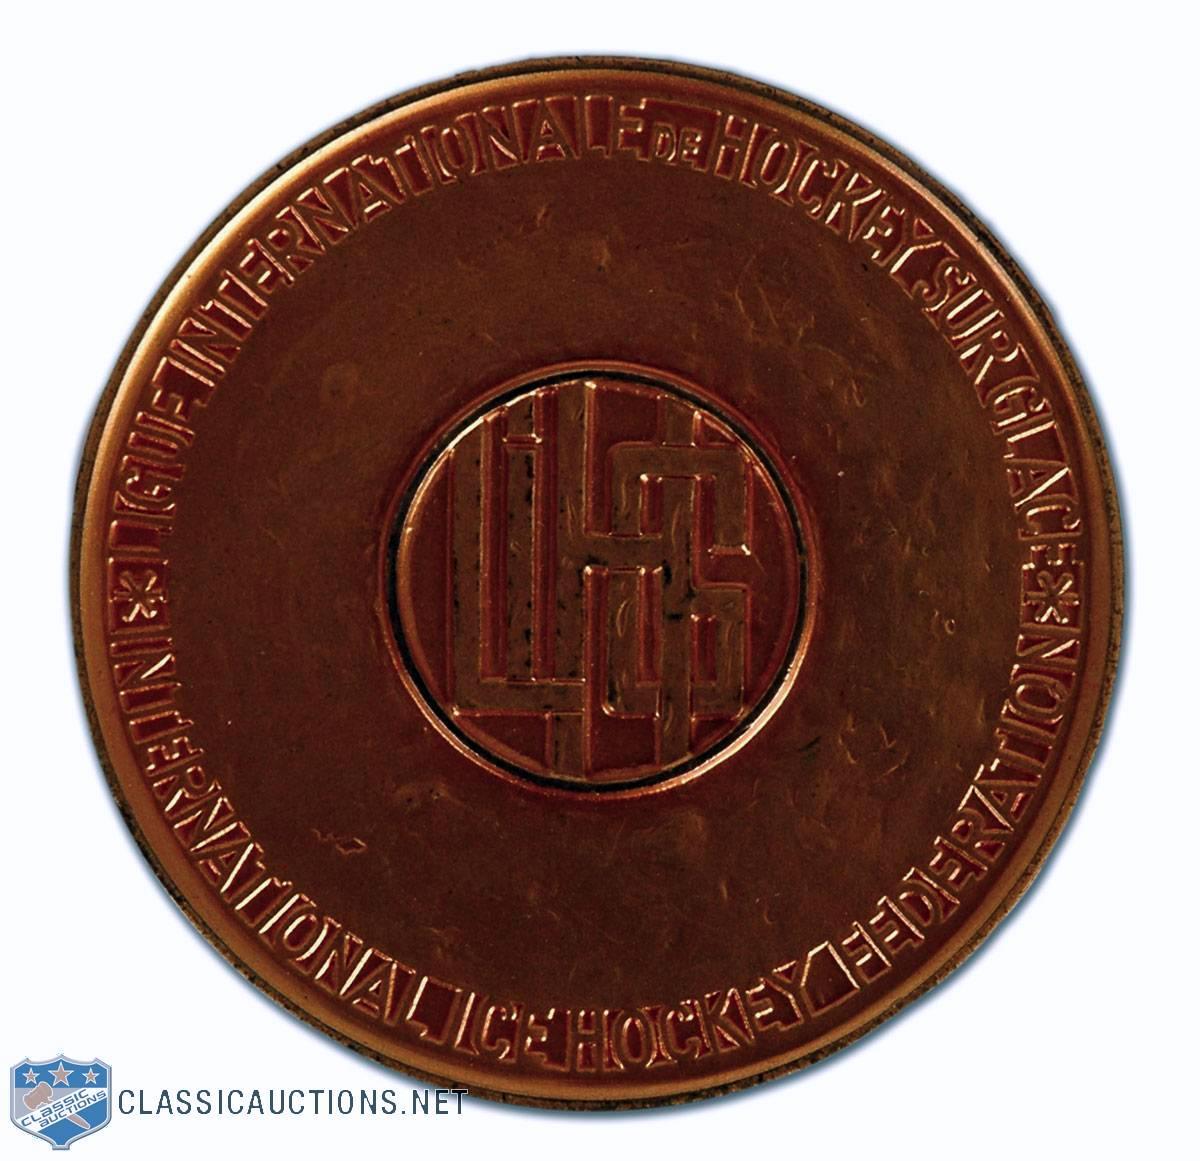 1950р ЧМ бронза.jpg